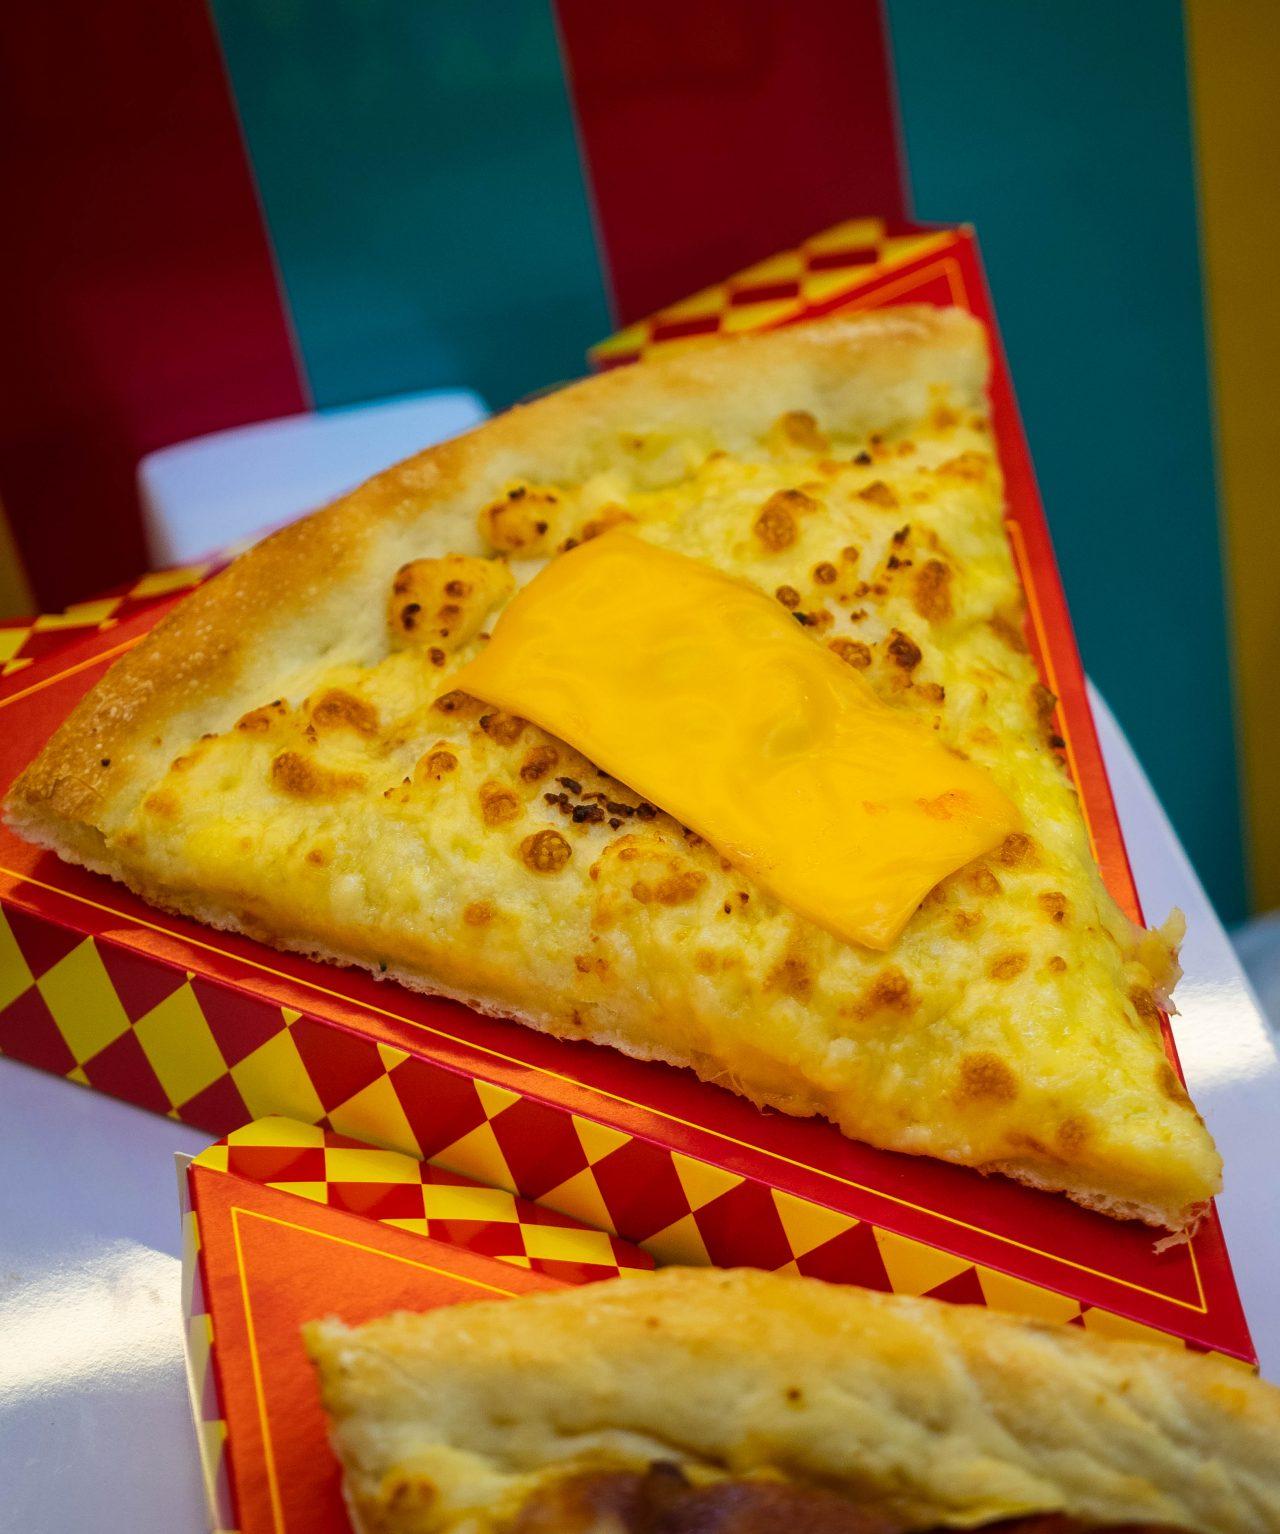 Dari Singapore ke Medan, Pezzo Pizza Utamakan Kecepatan Daripada Kelaparan 6